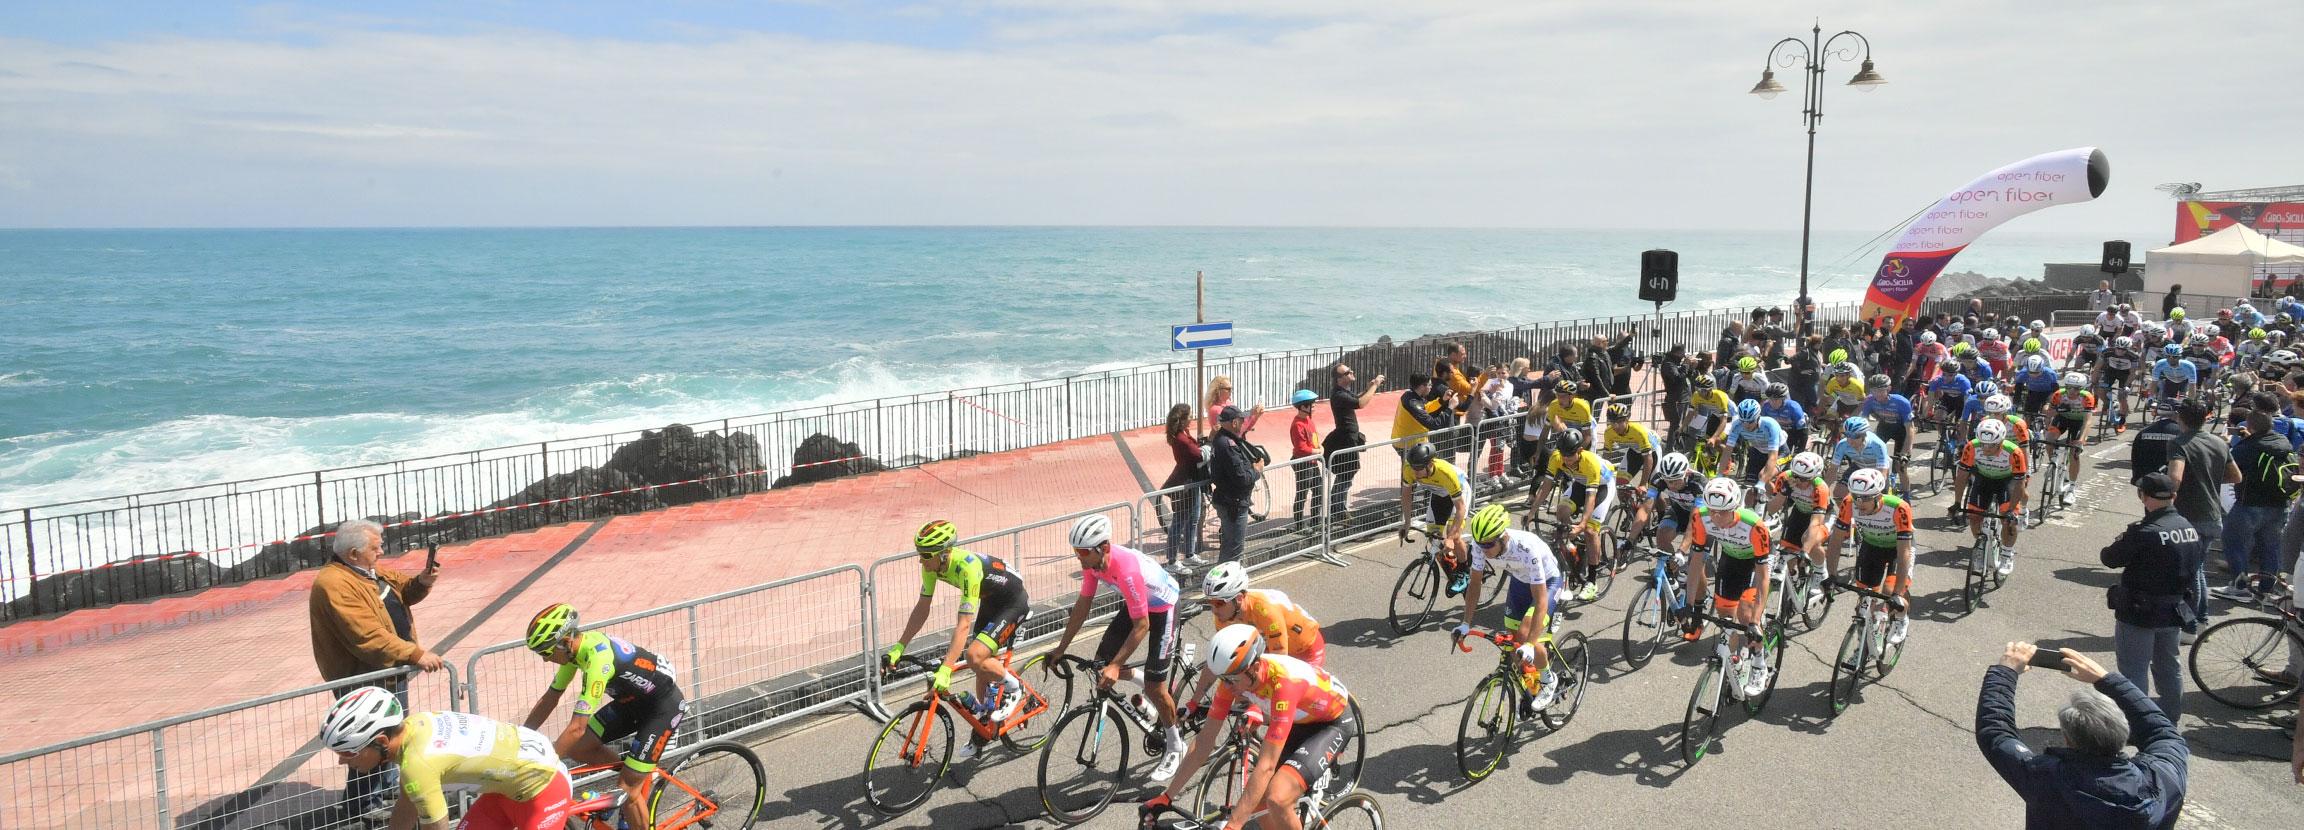 Ultima tappa de Il Giro di Sicilia Open Fiber 2019 con l'ascesa nel Parco Ciclistico dell'Etna